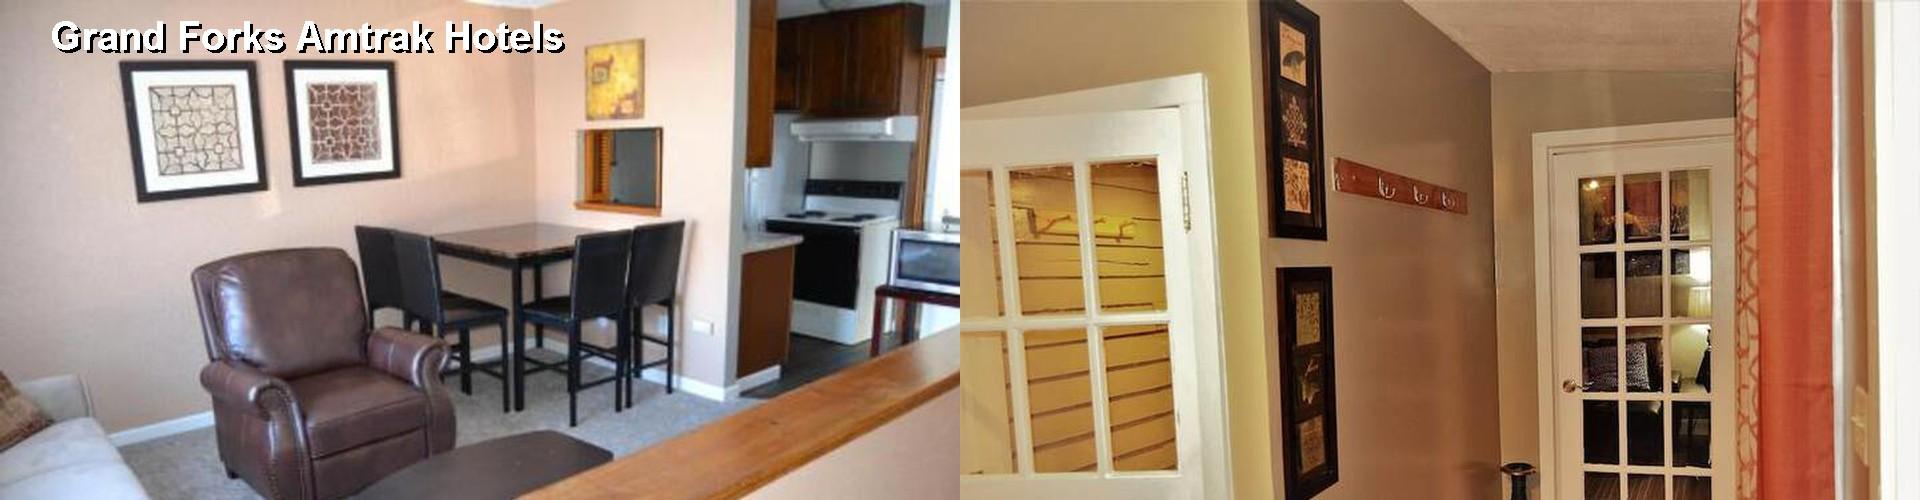 5 best hotels near grand forks amtrak - Hilton Garden Inn Grand Forks